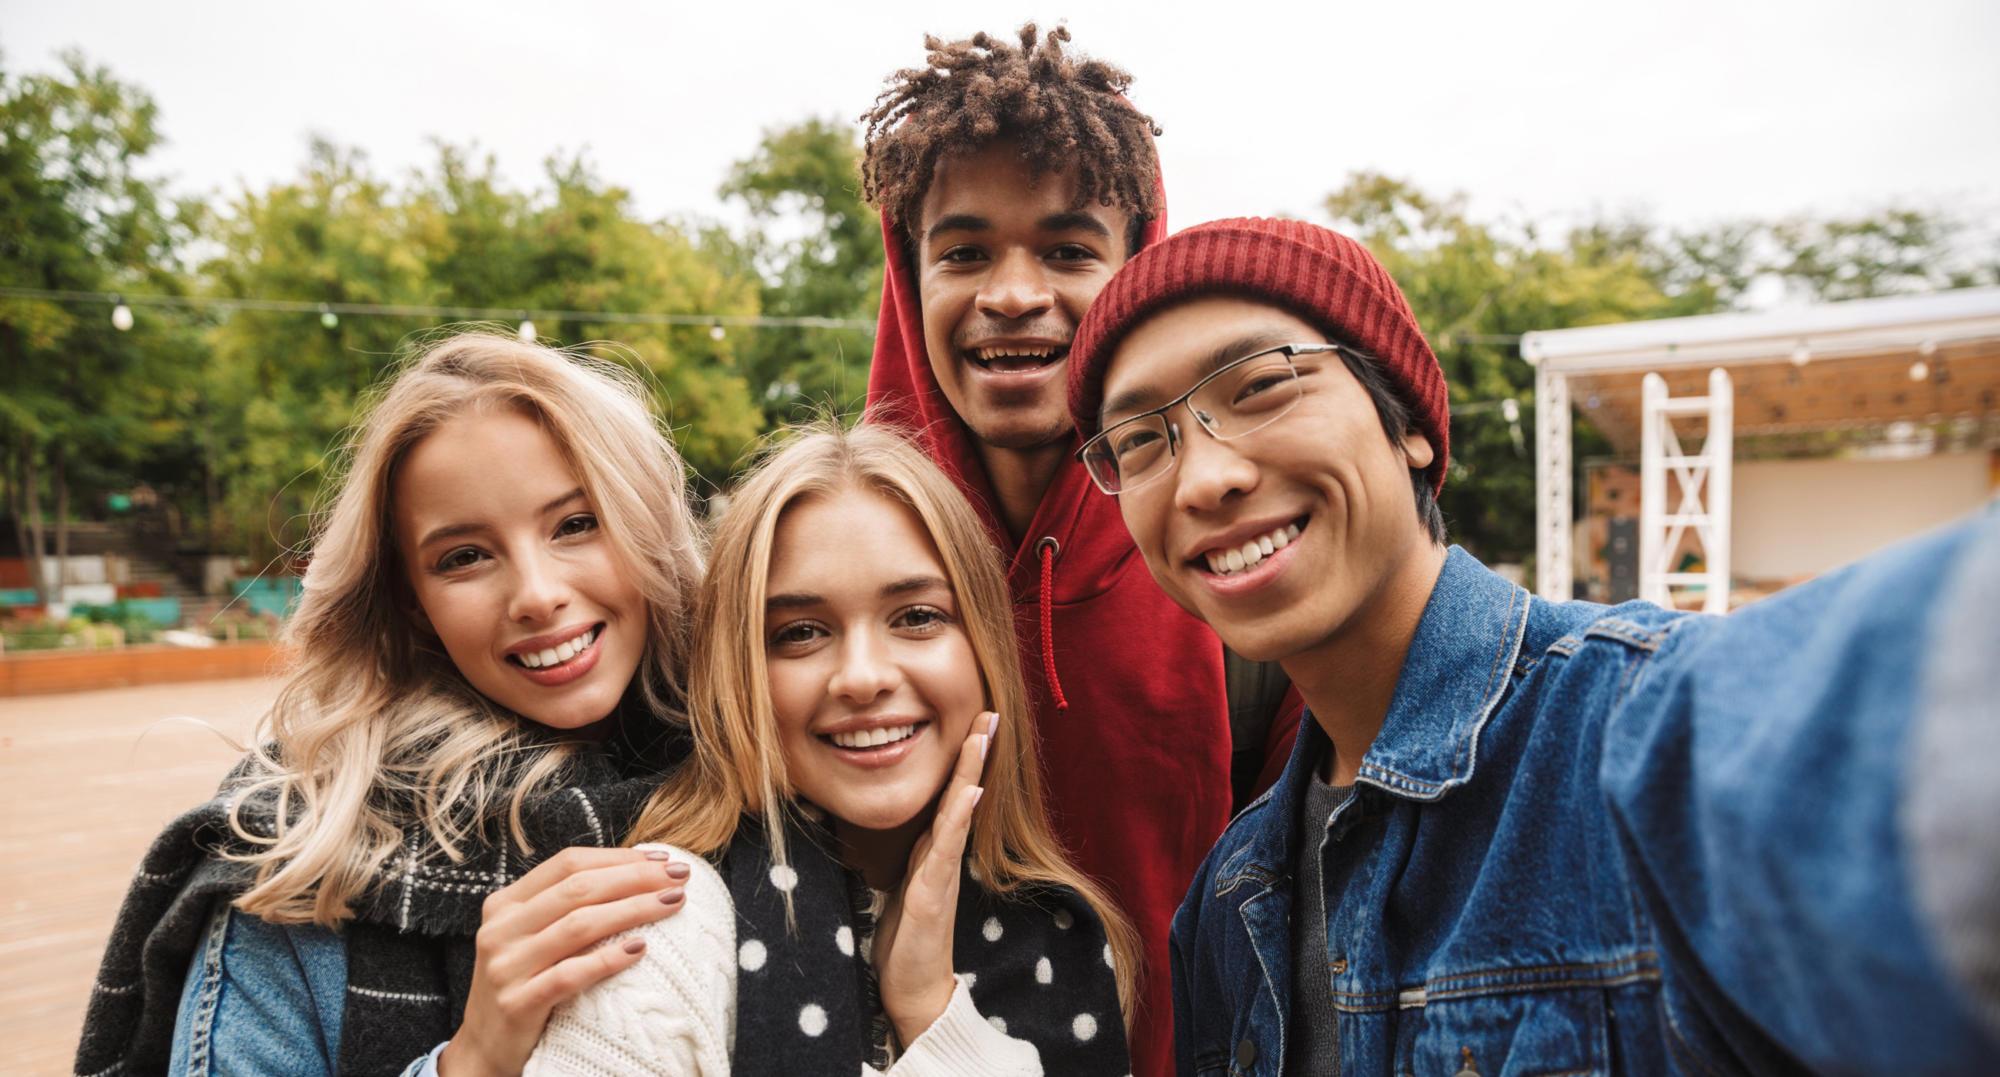 Teens Group Selfie